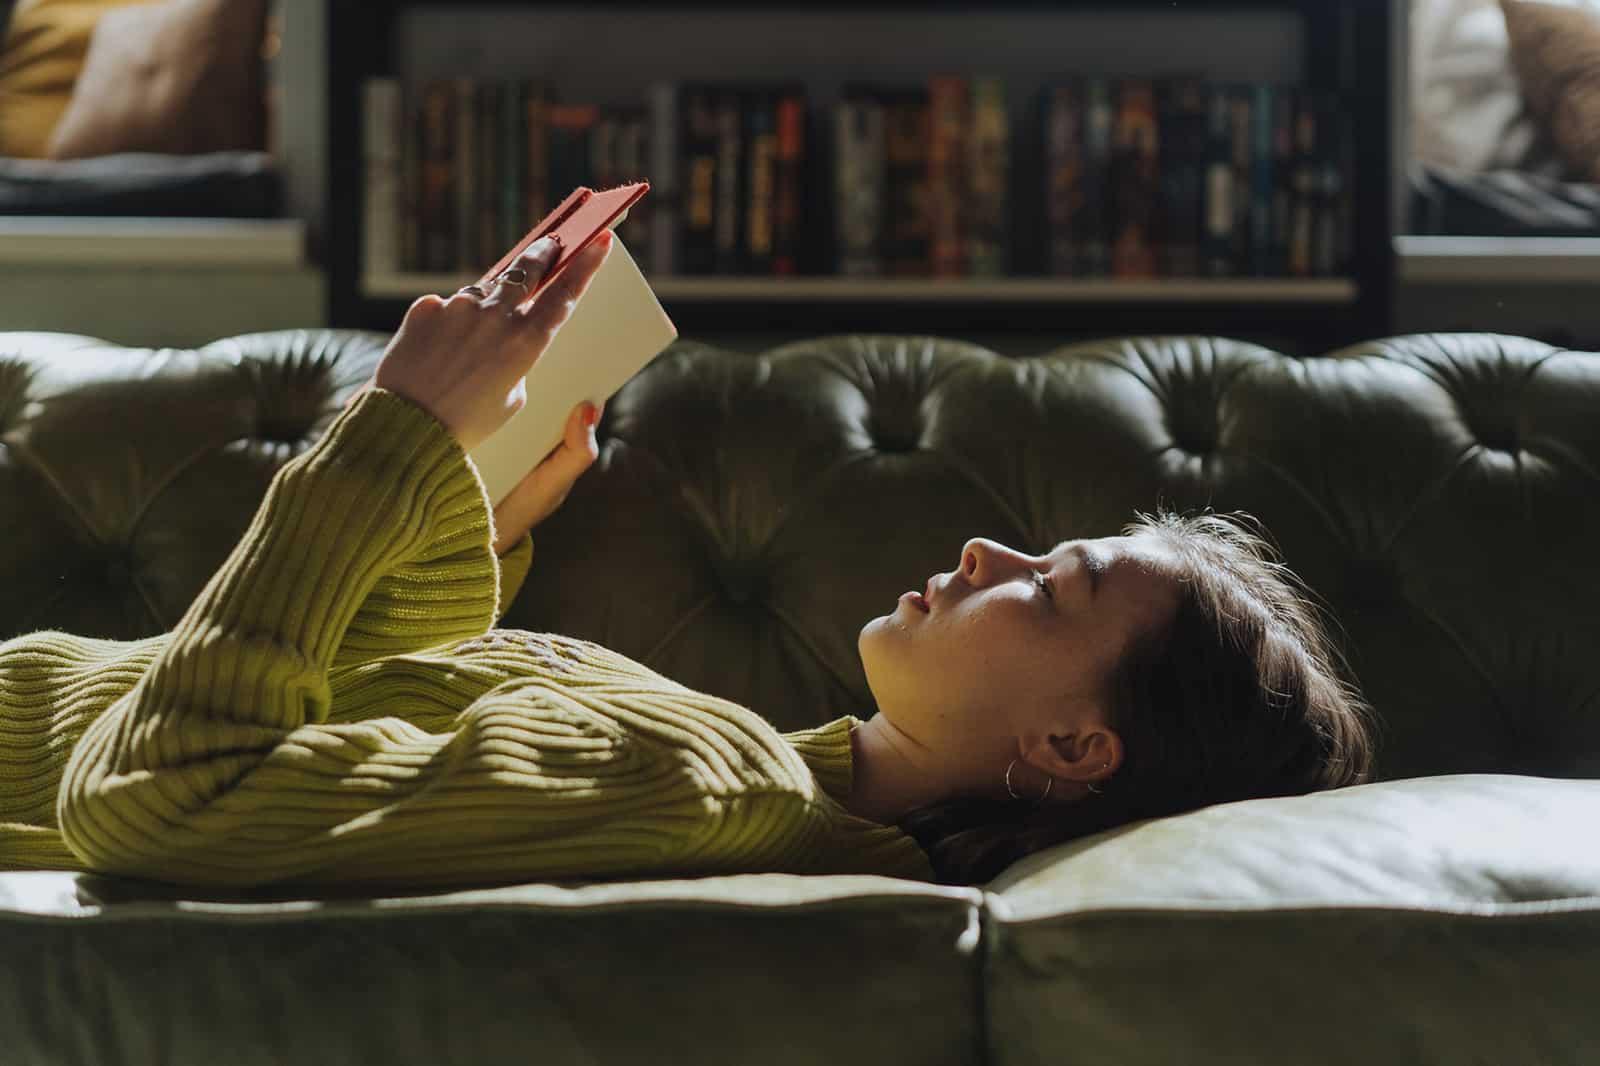 eine Frau, die auf der Couch liegt und ein Buch hält